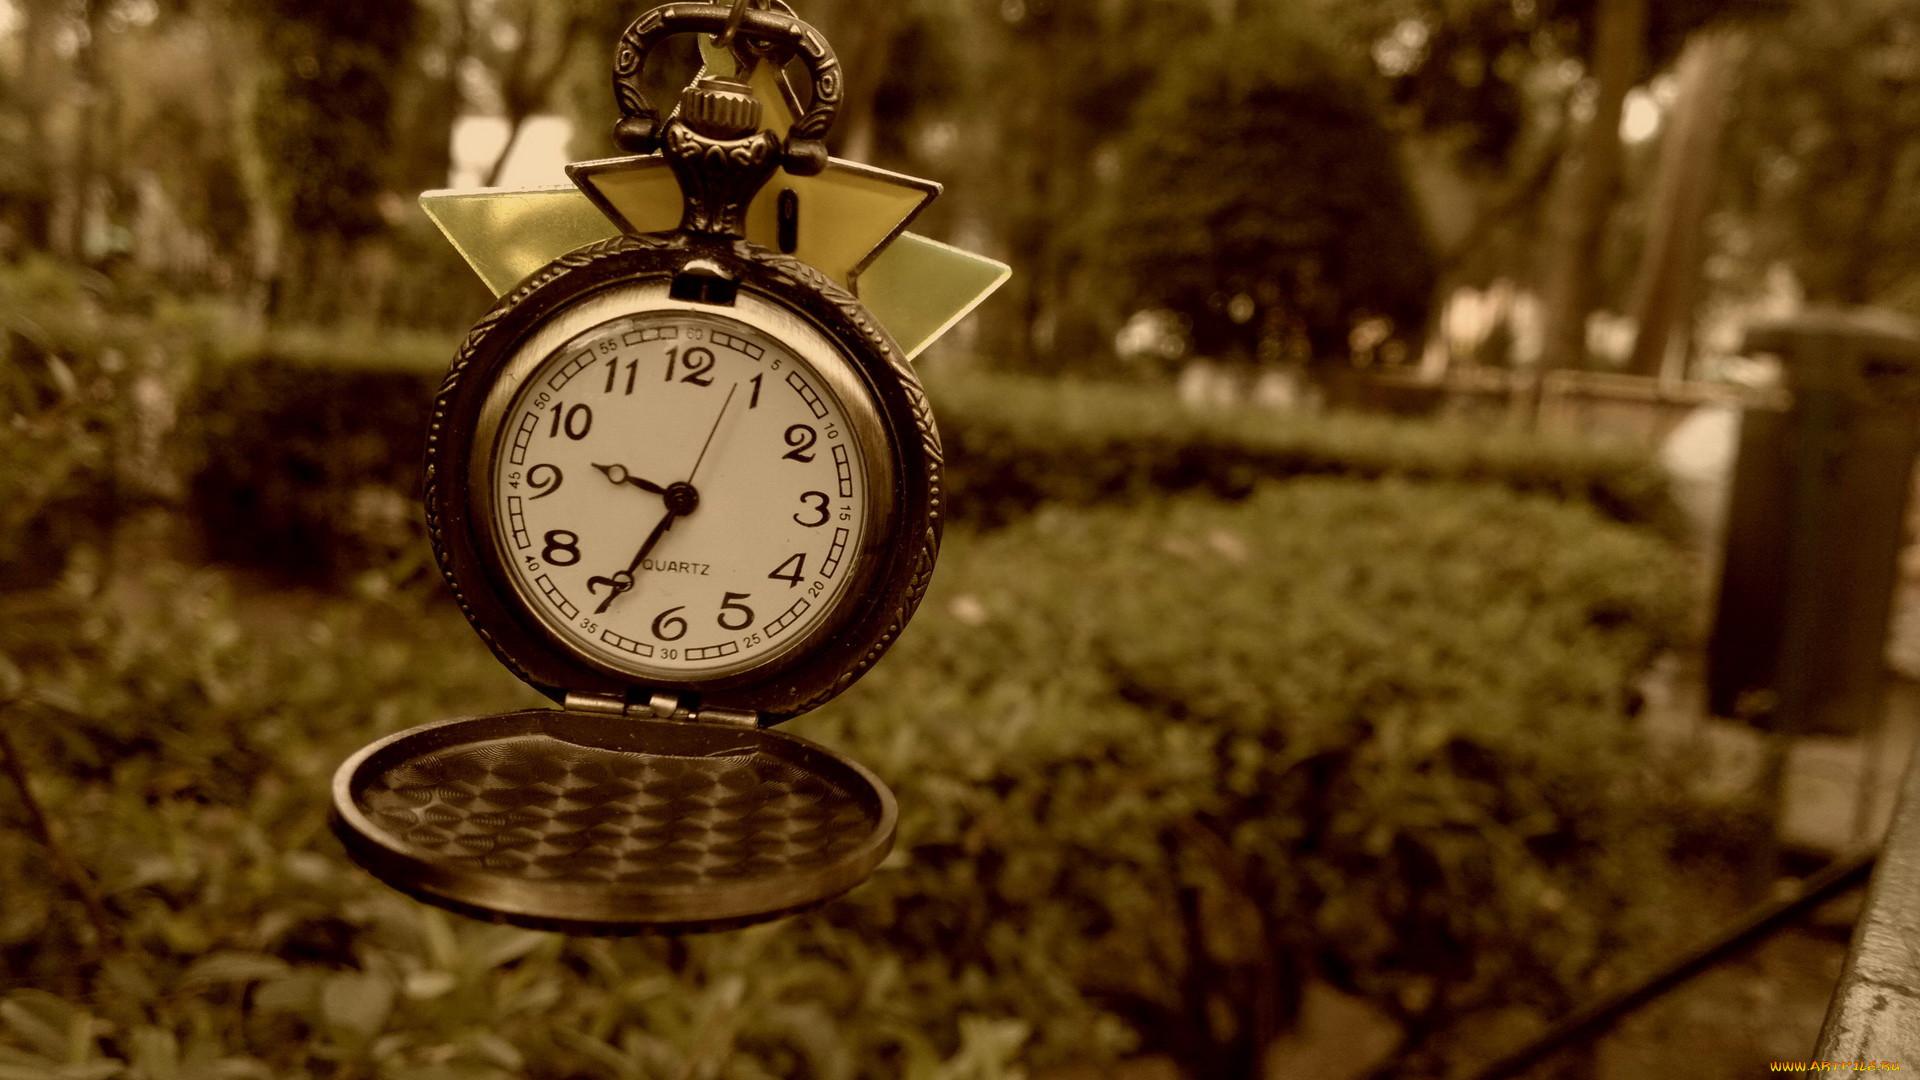 картинки часов на аватарку есть тронный зал